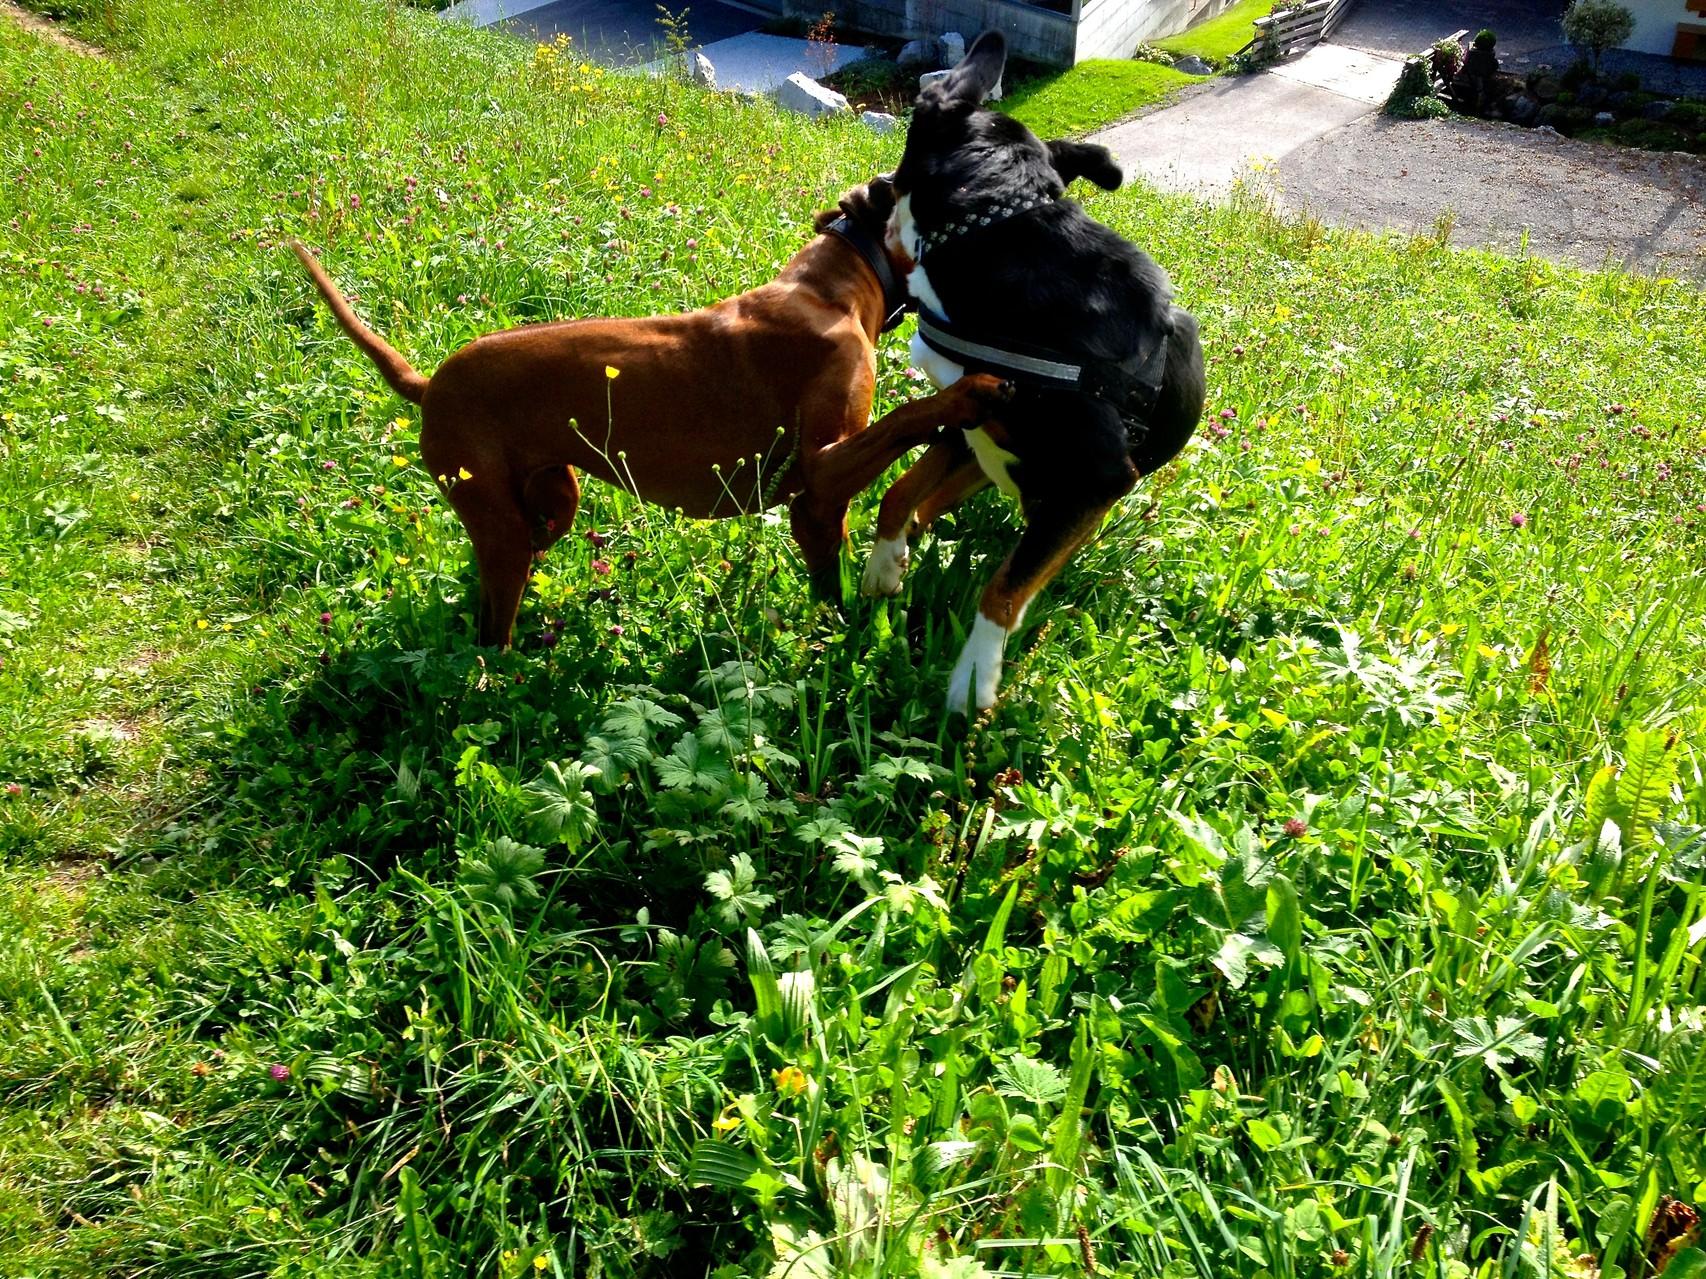 Unterwegs mit großem Schweizer Sennenhund Hugo, Sarah und Frauchen hatten auch ihren Spass!